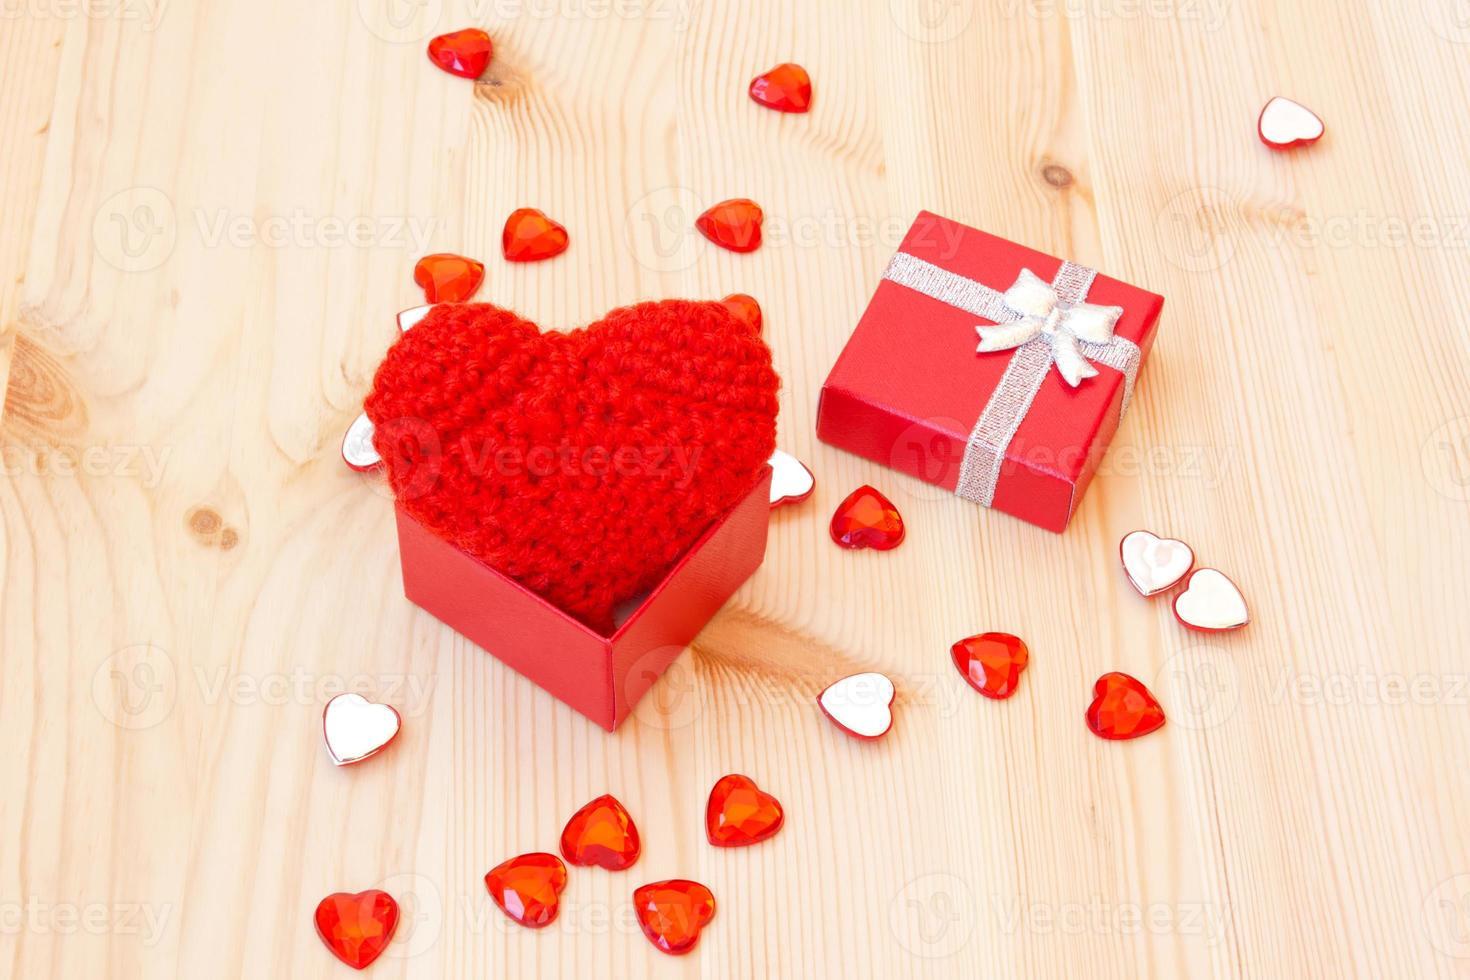 caixa com um lindo coração de malha vermelha do dia dos namorados foto